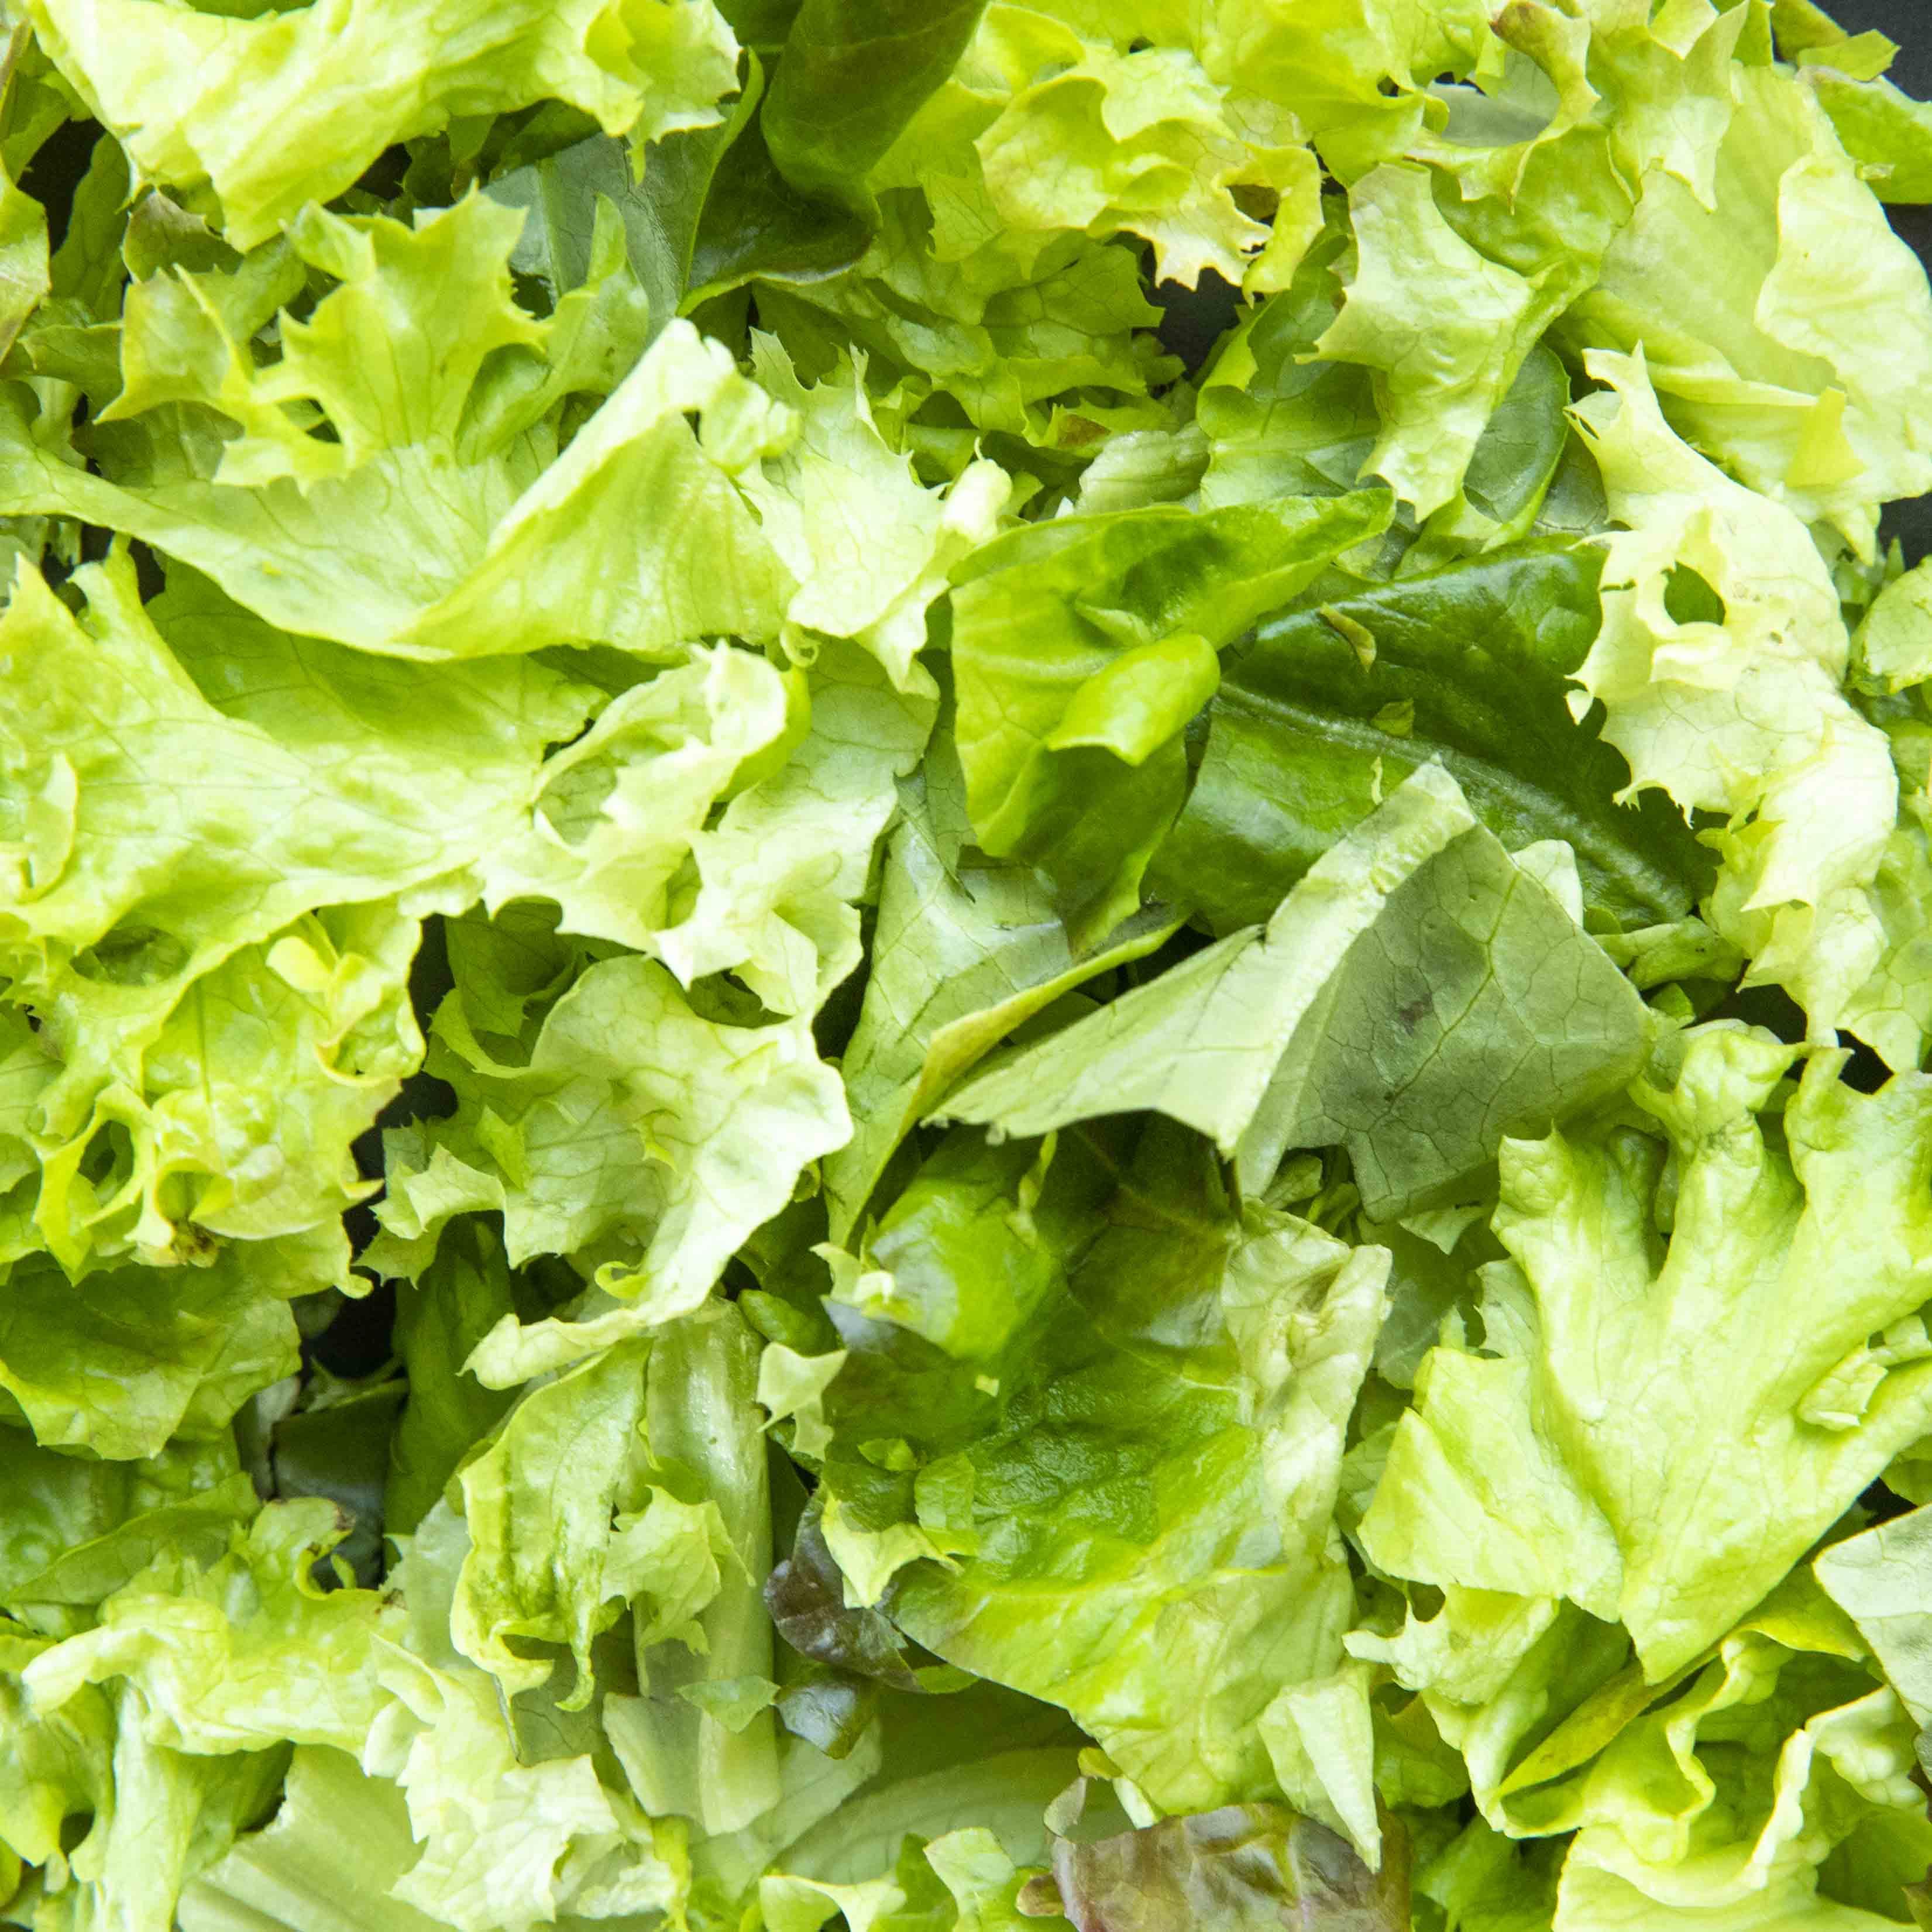 cultivare Signature Lettuce